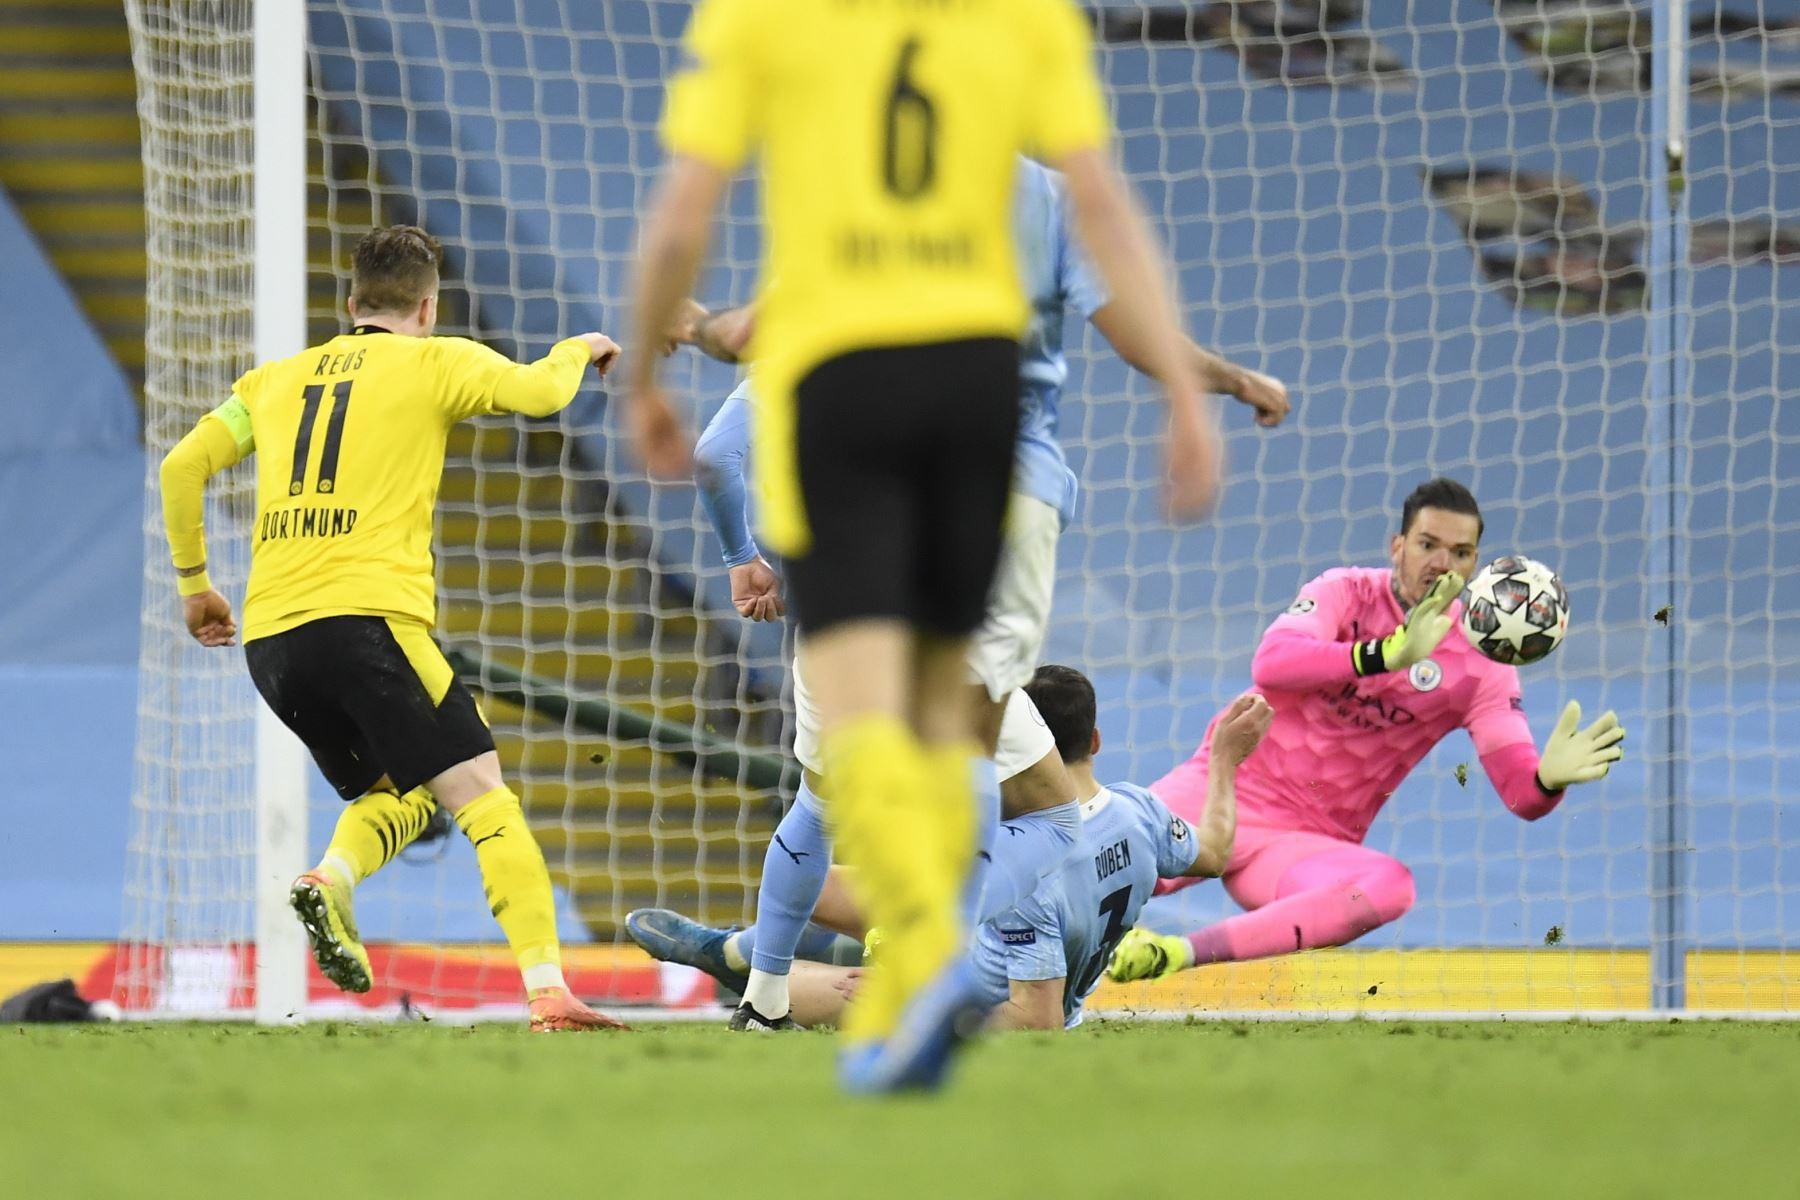 Marco Reus de Dortmund anota el empate 1-1 durante los cuartos de final de la Liga de Campeones de la UEFA. Foto: AFP